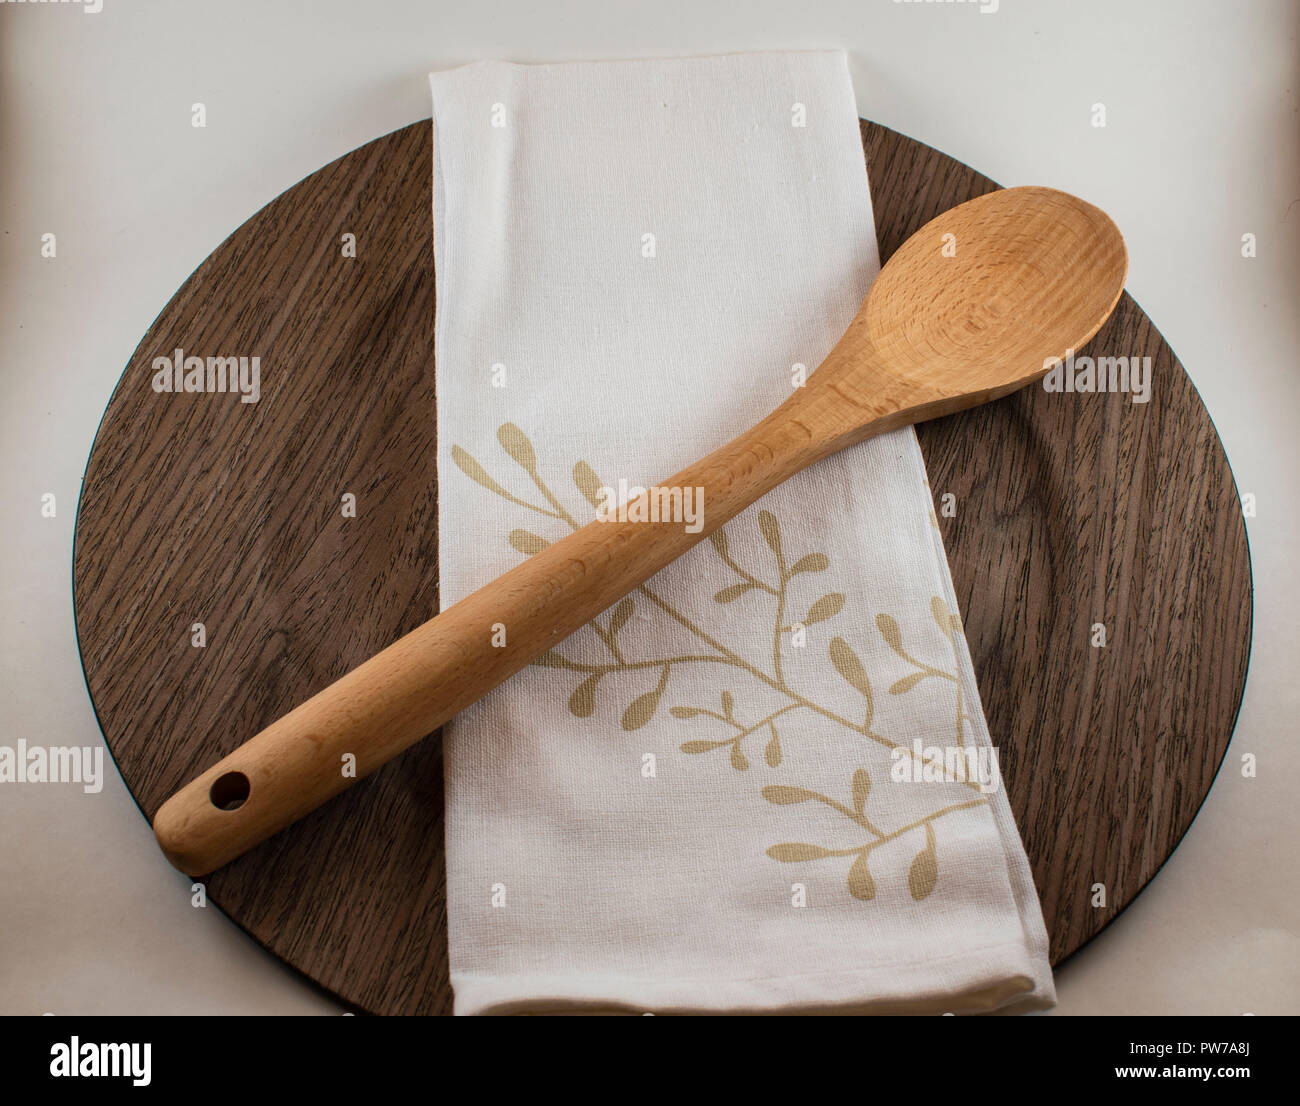 Hölzerne Teller und Löffel aus Holz Stockbild